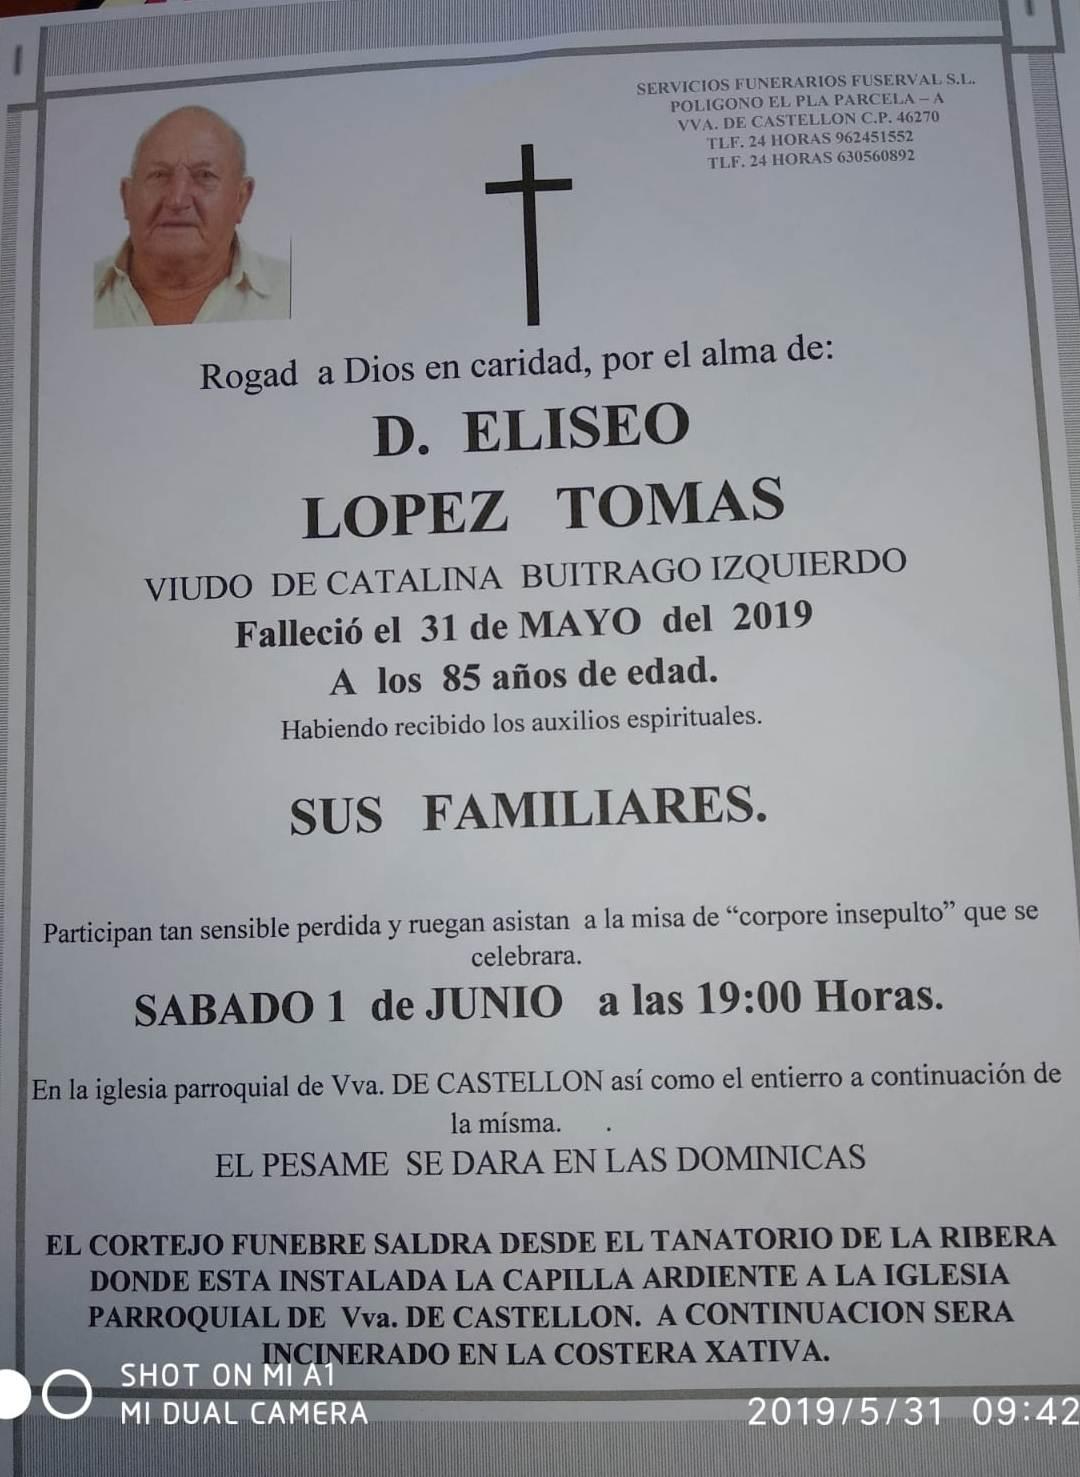 ELISEO LÓPEZ TOMAS